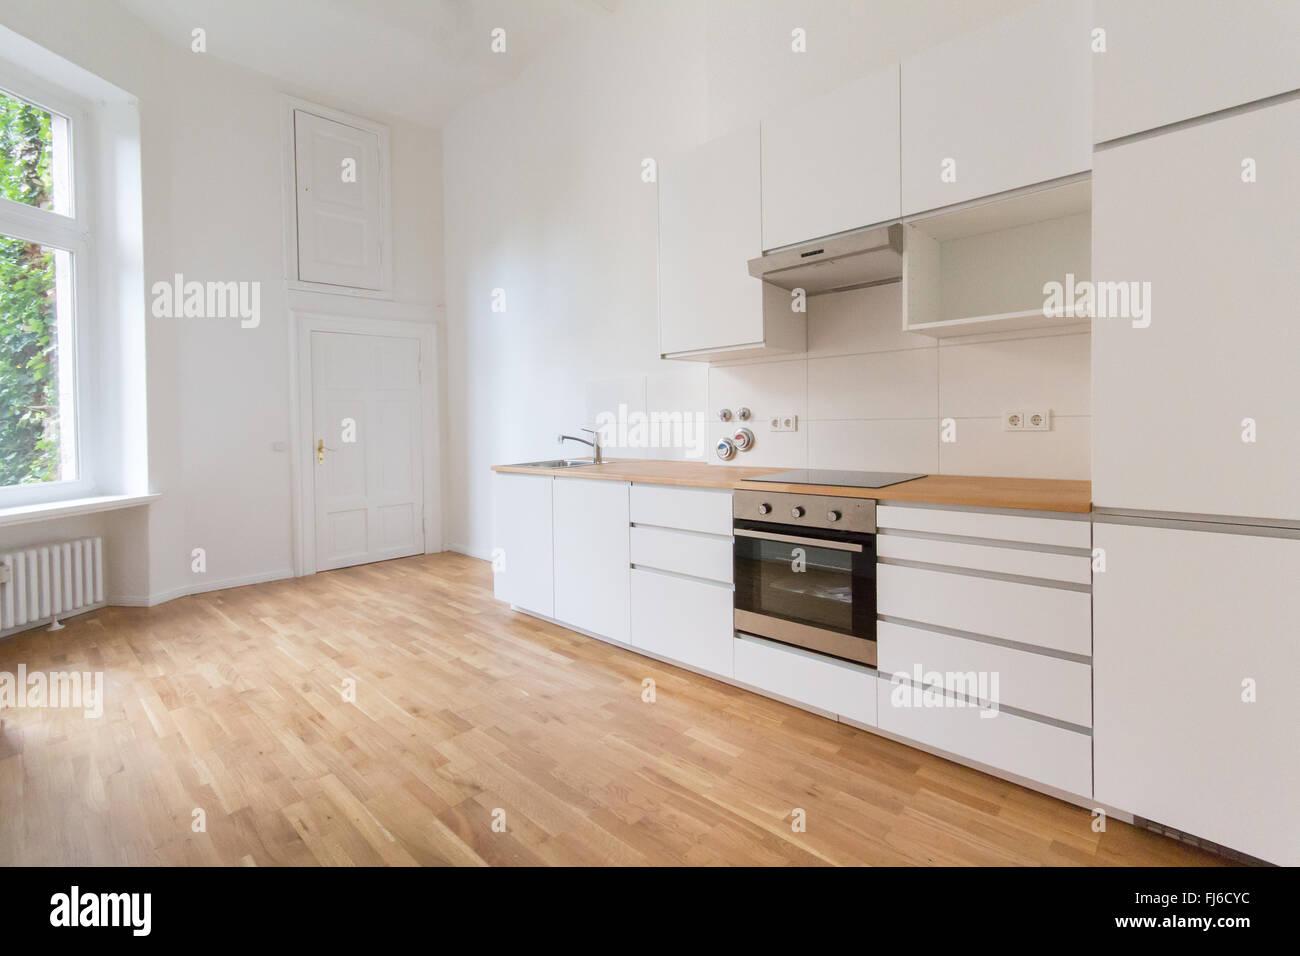 Cucina Parquet | Cucina Alla Moda In Stile Moderno Con Pareti Chiare ...